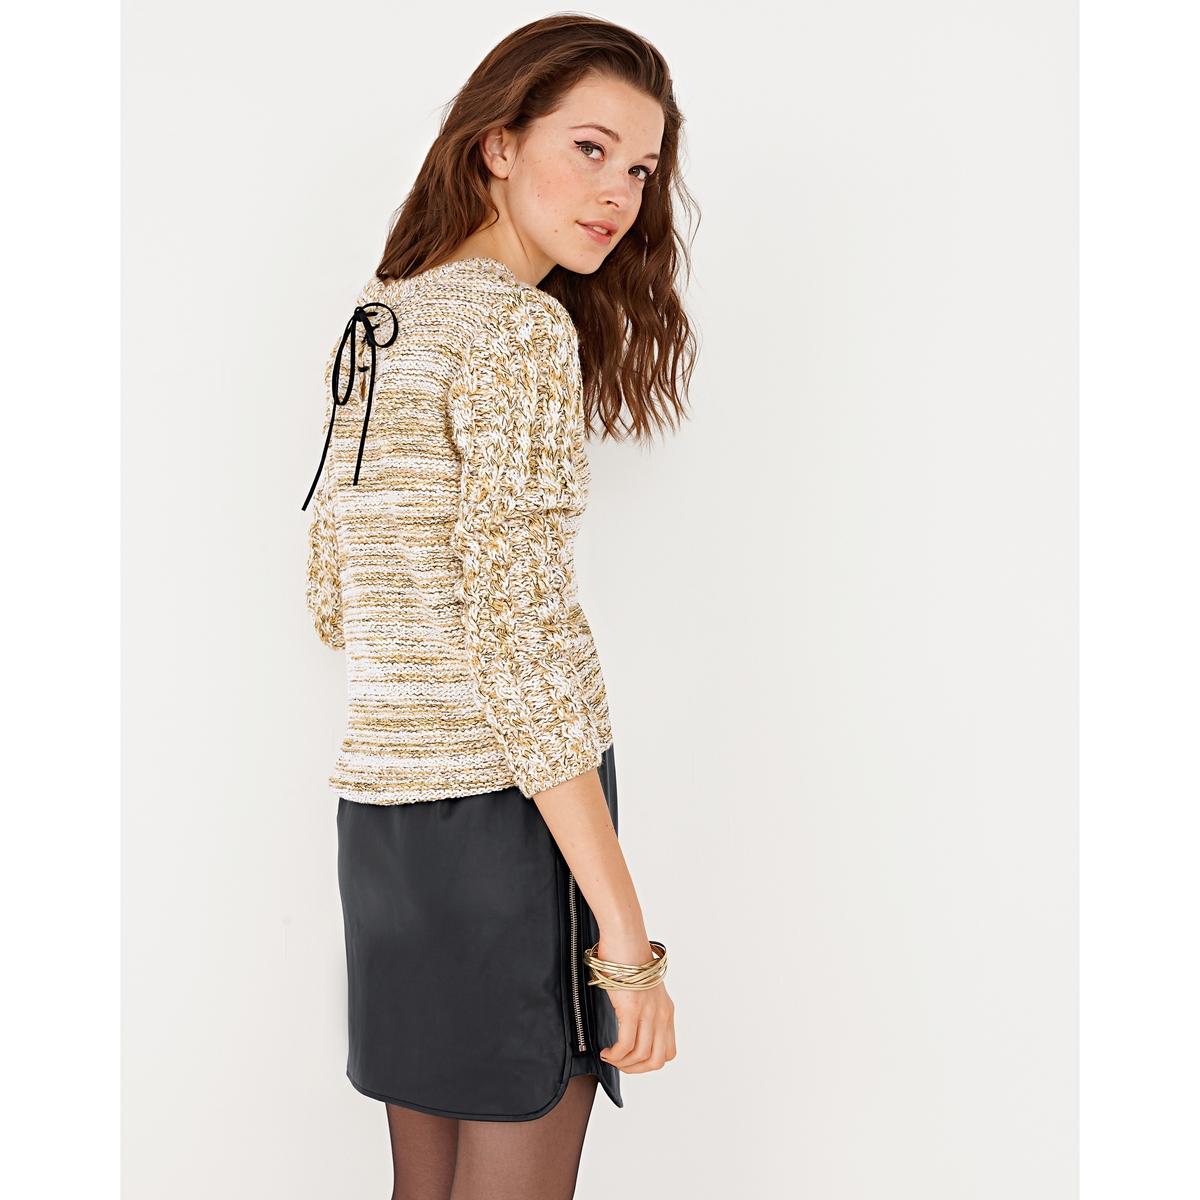 Пуловер со шнуровкой сзадиПуловер из трикотажа: 79% акрила, 13% полиэстера, 8% металлизированных волокон. Круглый вырез. Замшевая шнуровка сзади. Длинные рукава с фантазийным узором. Края связаны в рубчик. Длина: 56 см.<br><br>Цвет: зеленый меланж